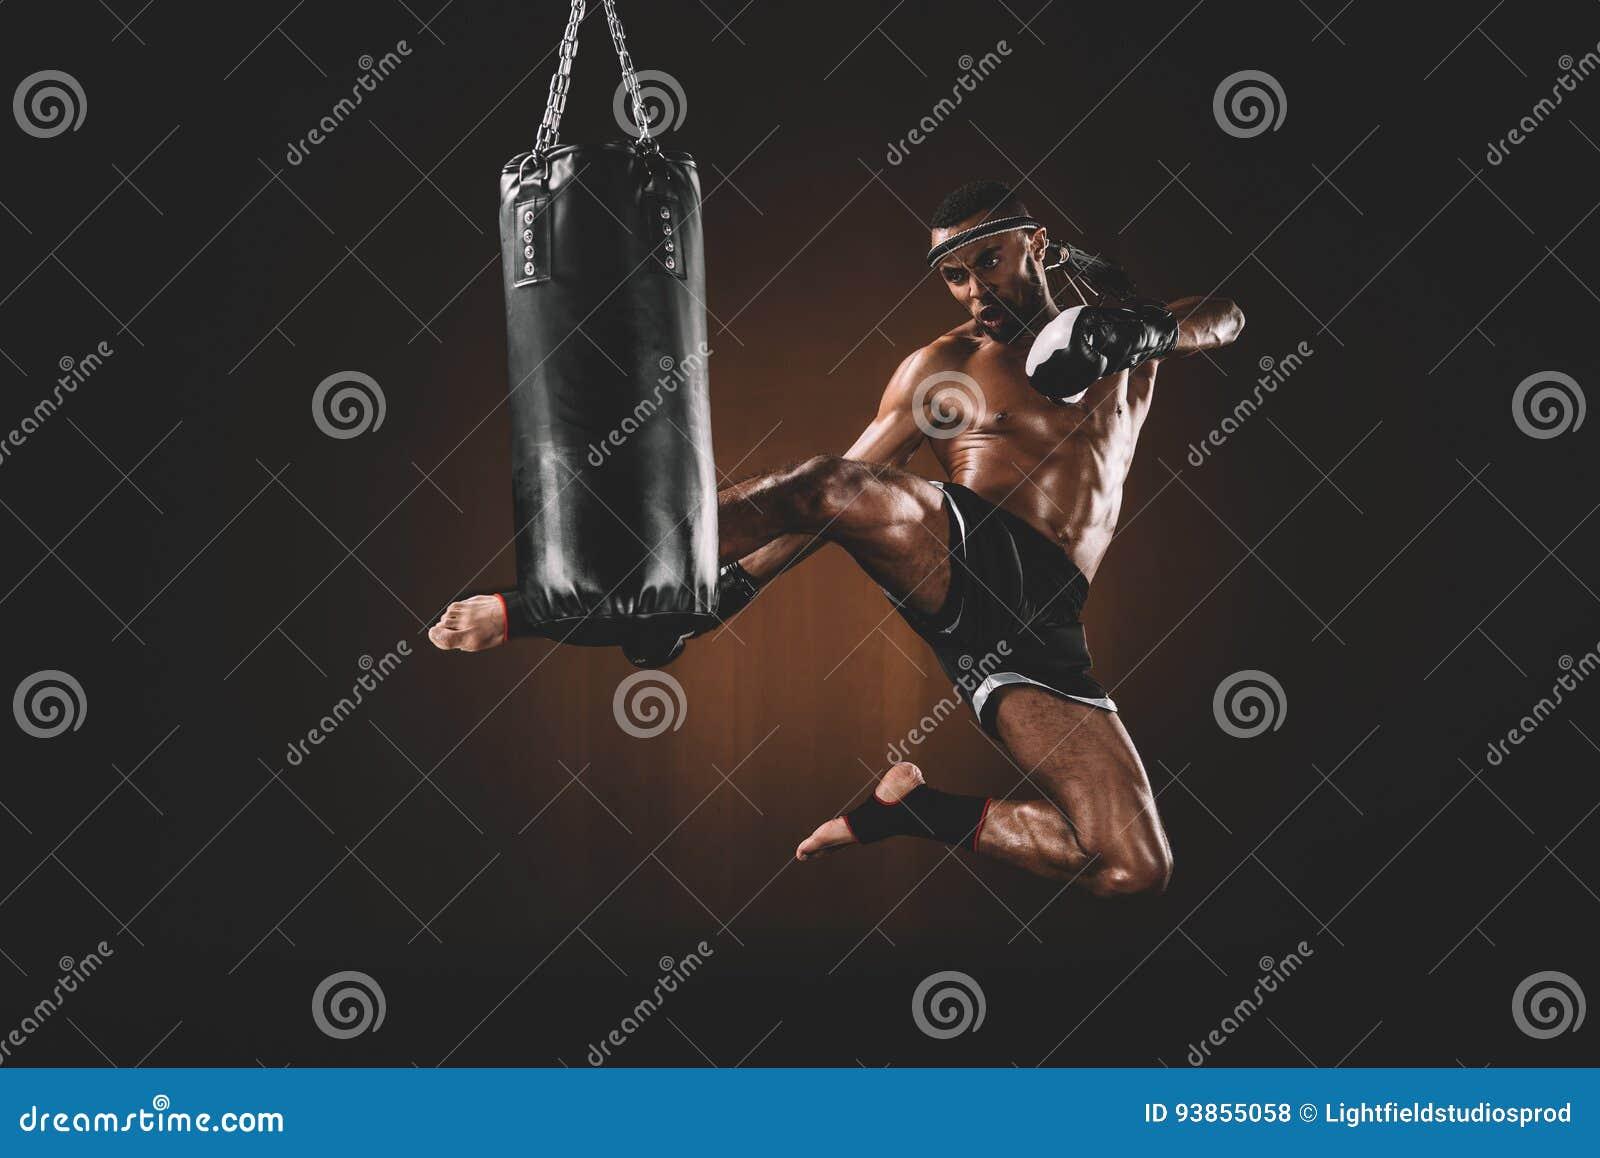 Ideia lateral do pontapé praticando tailandês muay focalizado do lutador no saco de perfuração